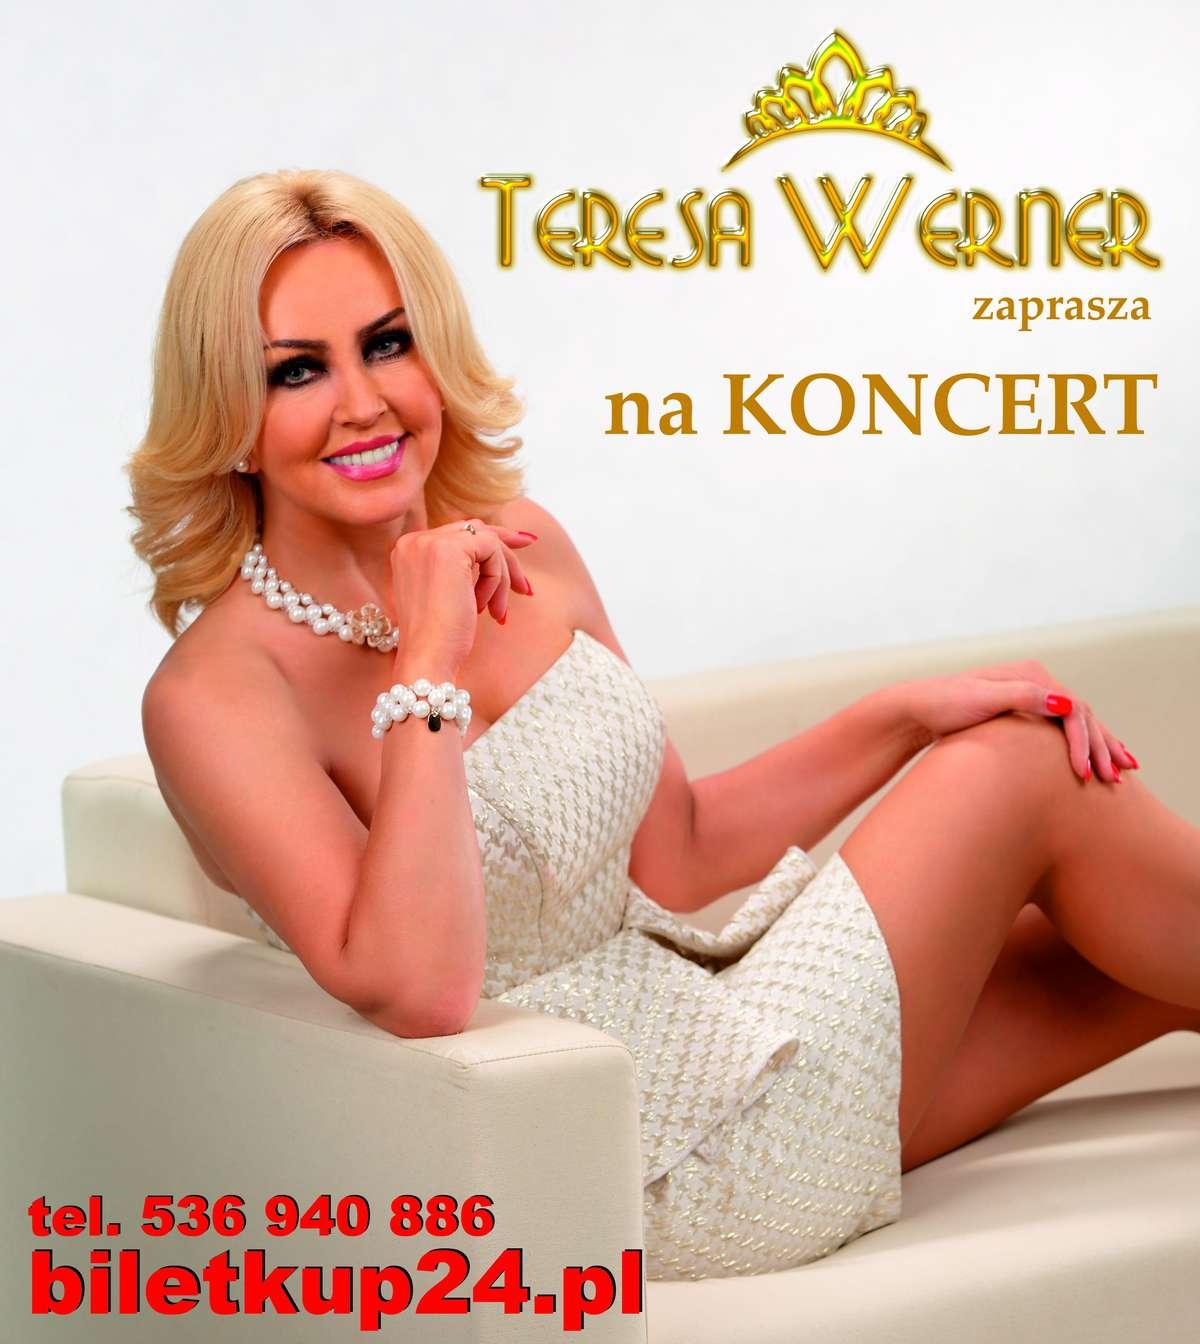 Koncert Teresy Werner - full image